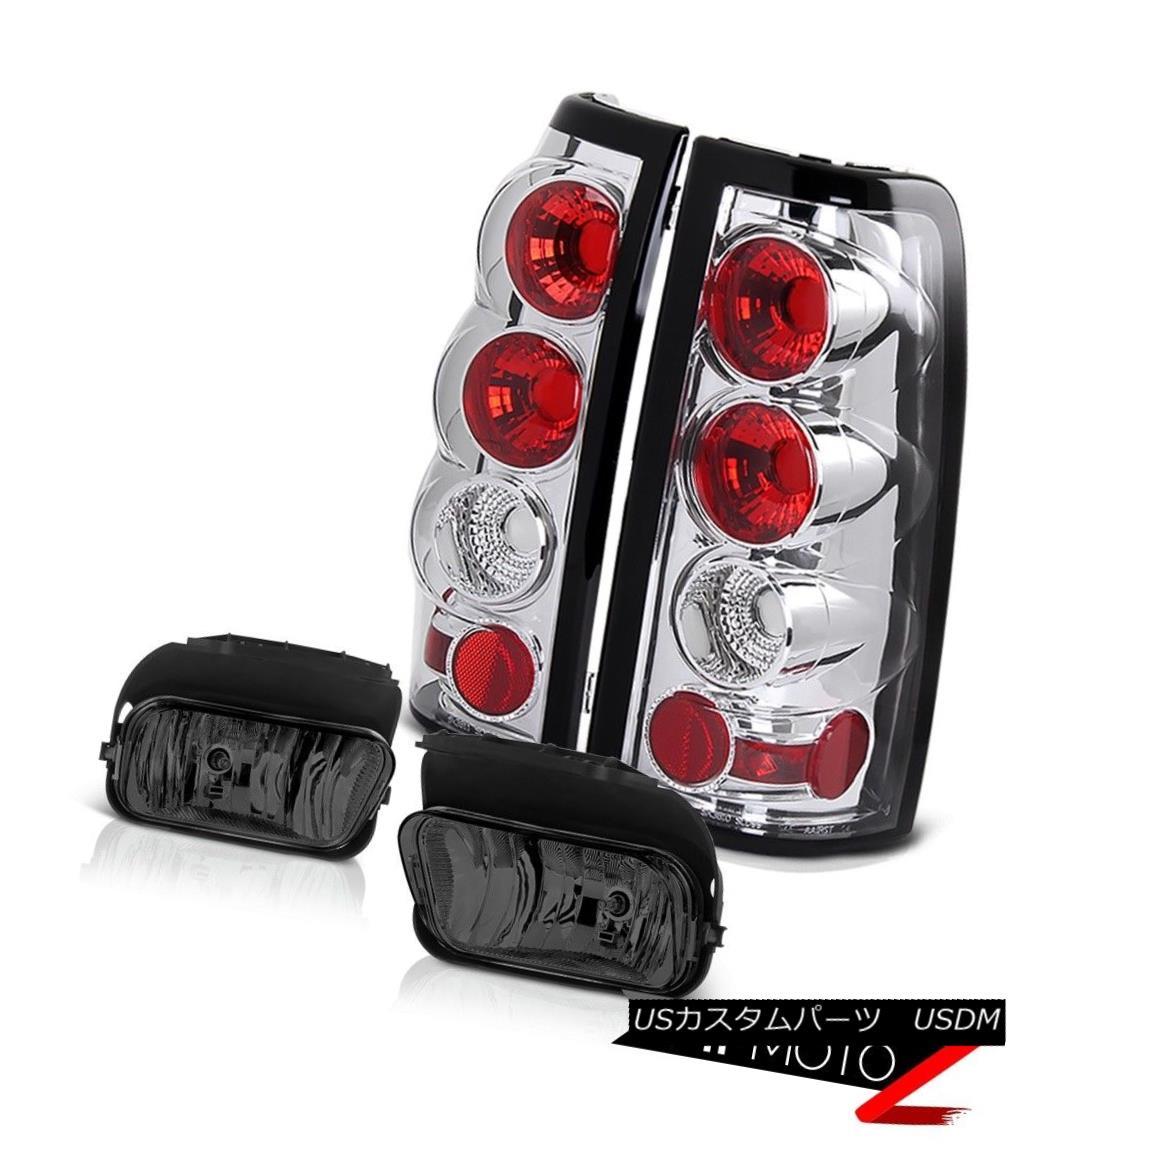 テールライト Chrome Rear Silverado Brake Chrome Tail 4.3L 03-06 Lamp Smoke Driving Foglights 03-06 Silverado 4.3L クロームリアブレーキブレーキクロームテールランプスモークドライビングフォグライト03-06 Silverado 4.3L, ミチオショップ【作業服 事務服】:a2cce138 --- officewill.xsrv.jp